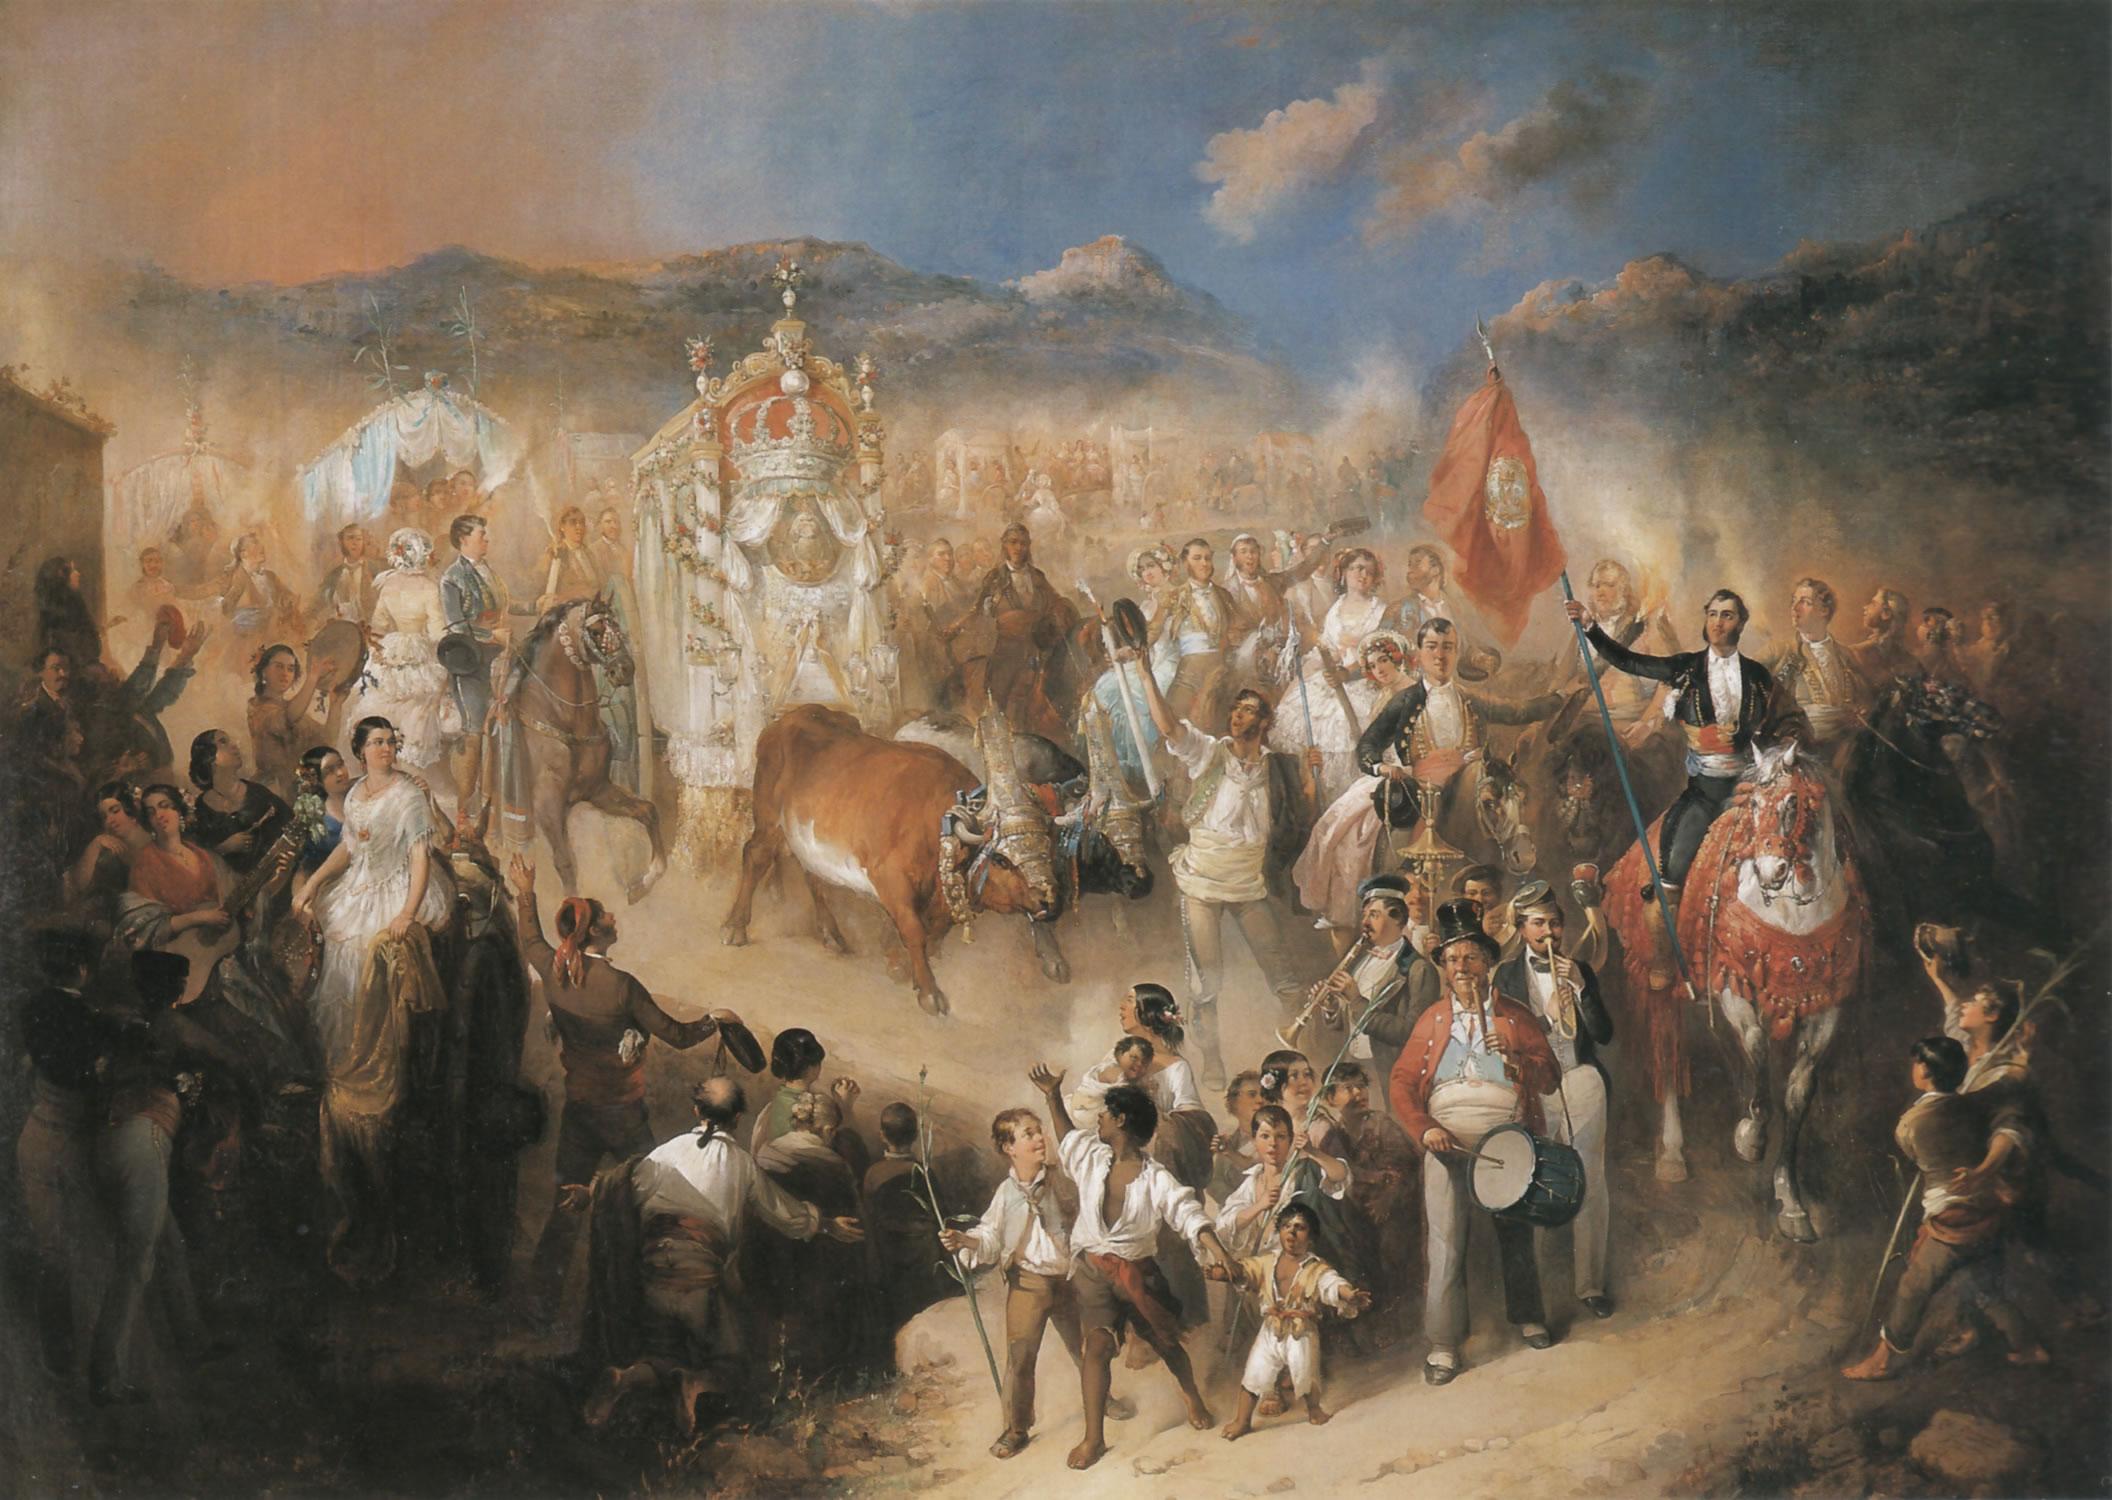 XV. La pintura en la era isabelina – Artehistoria